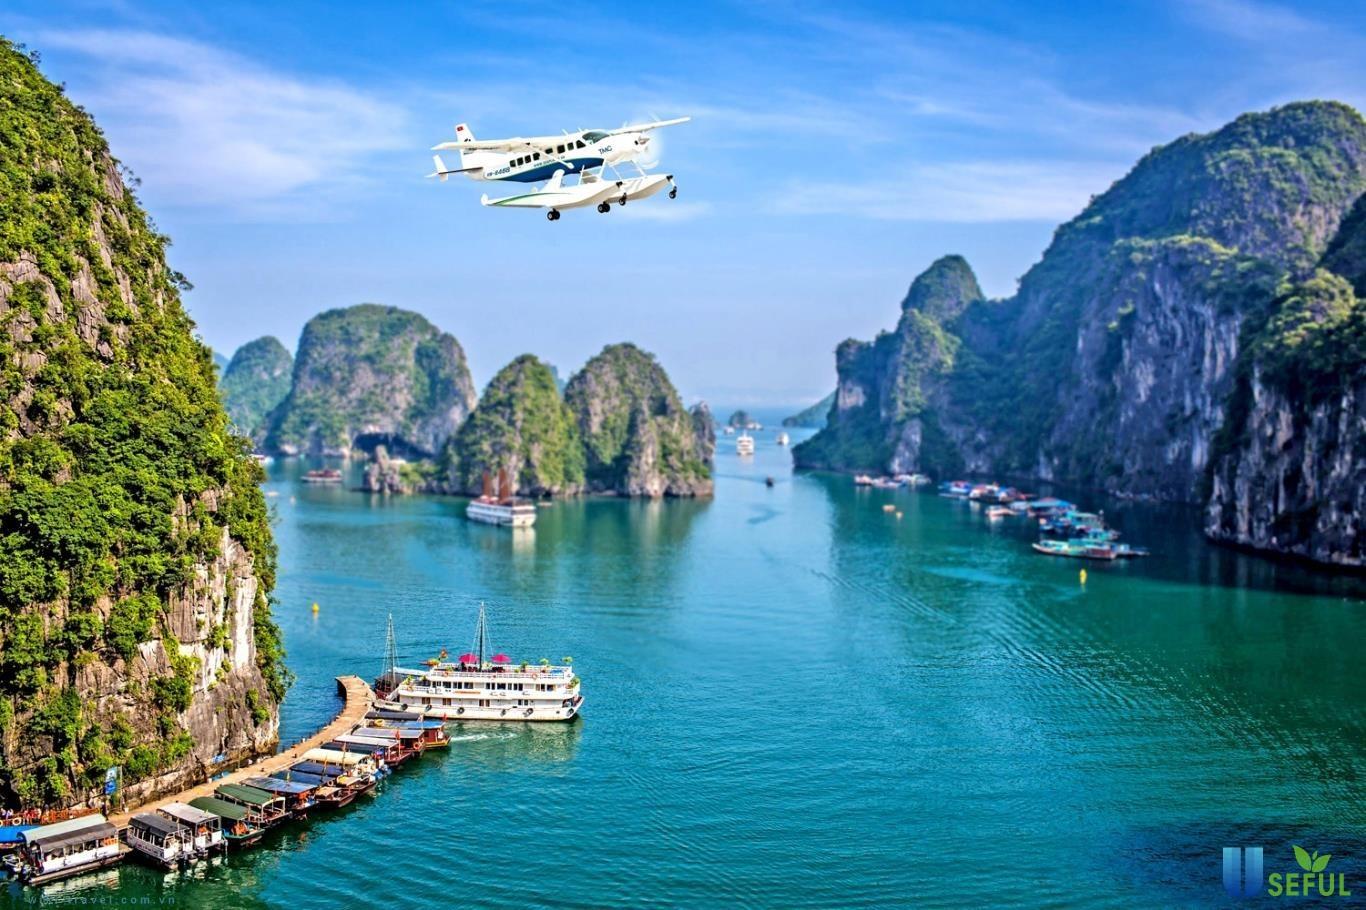 Vịnh Hạ Long sở hữu cảnh sắc thiên nhiên ban tặng